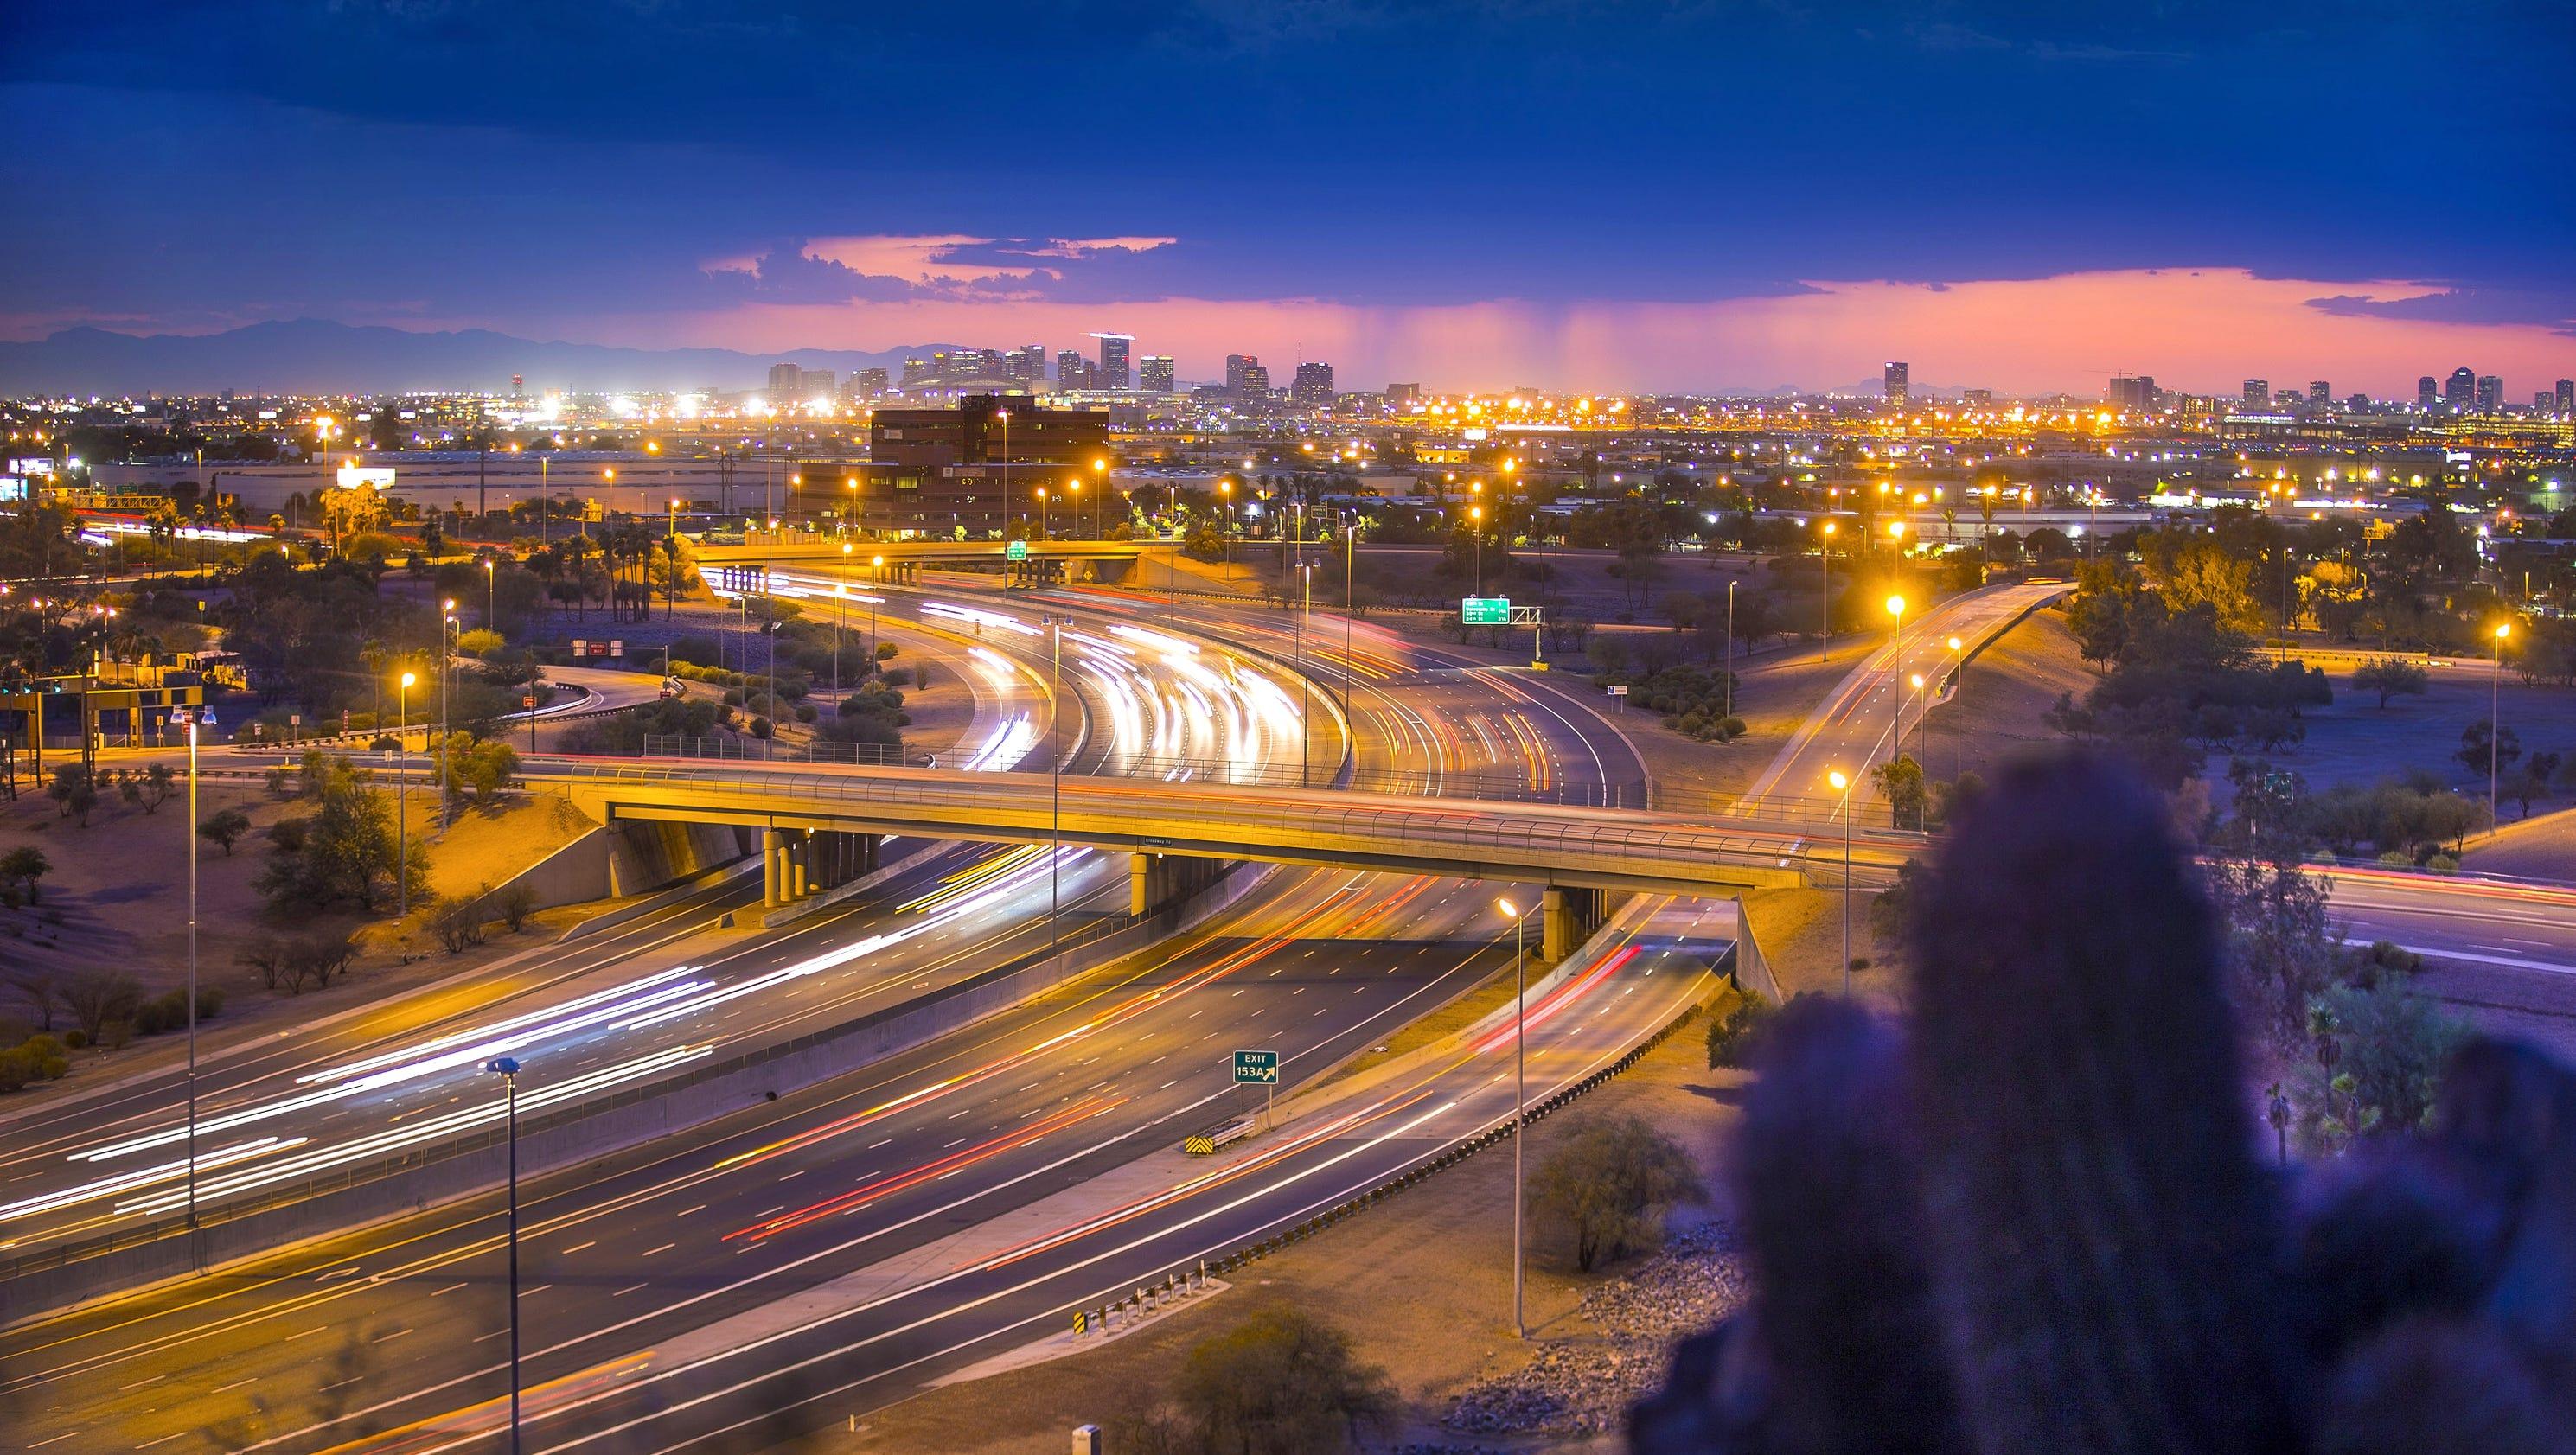 Khám phá thành phố Phoenix! Cơ hội đầu tư khu căn hộ cho thuê... 2